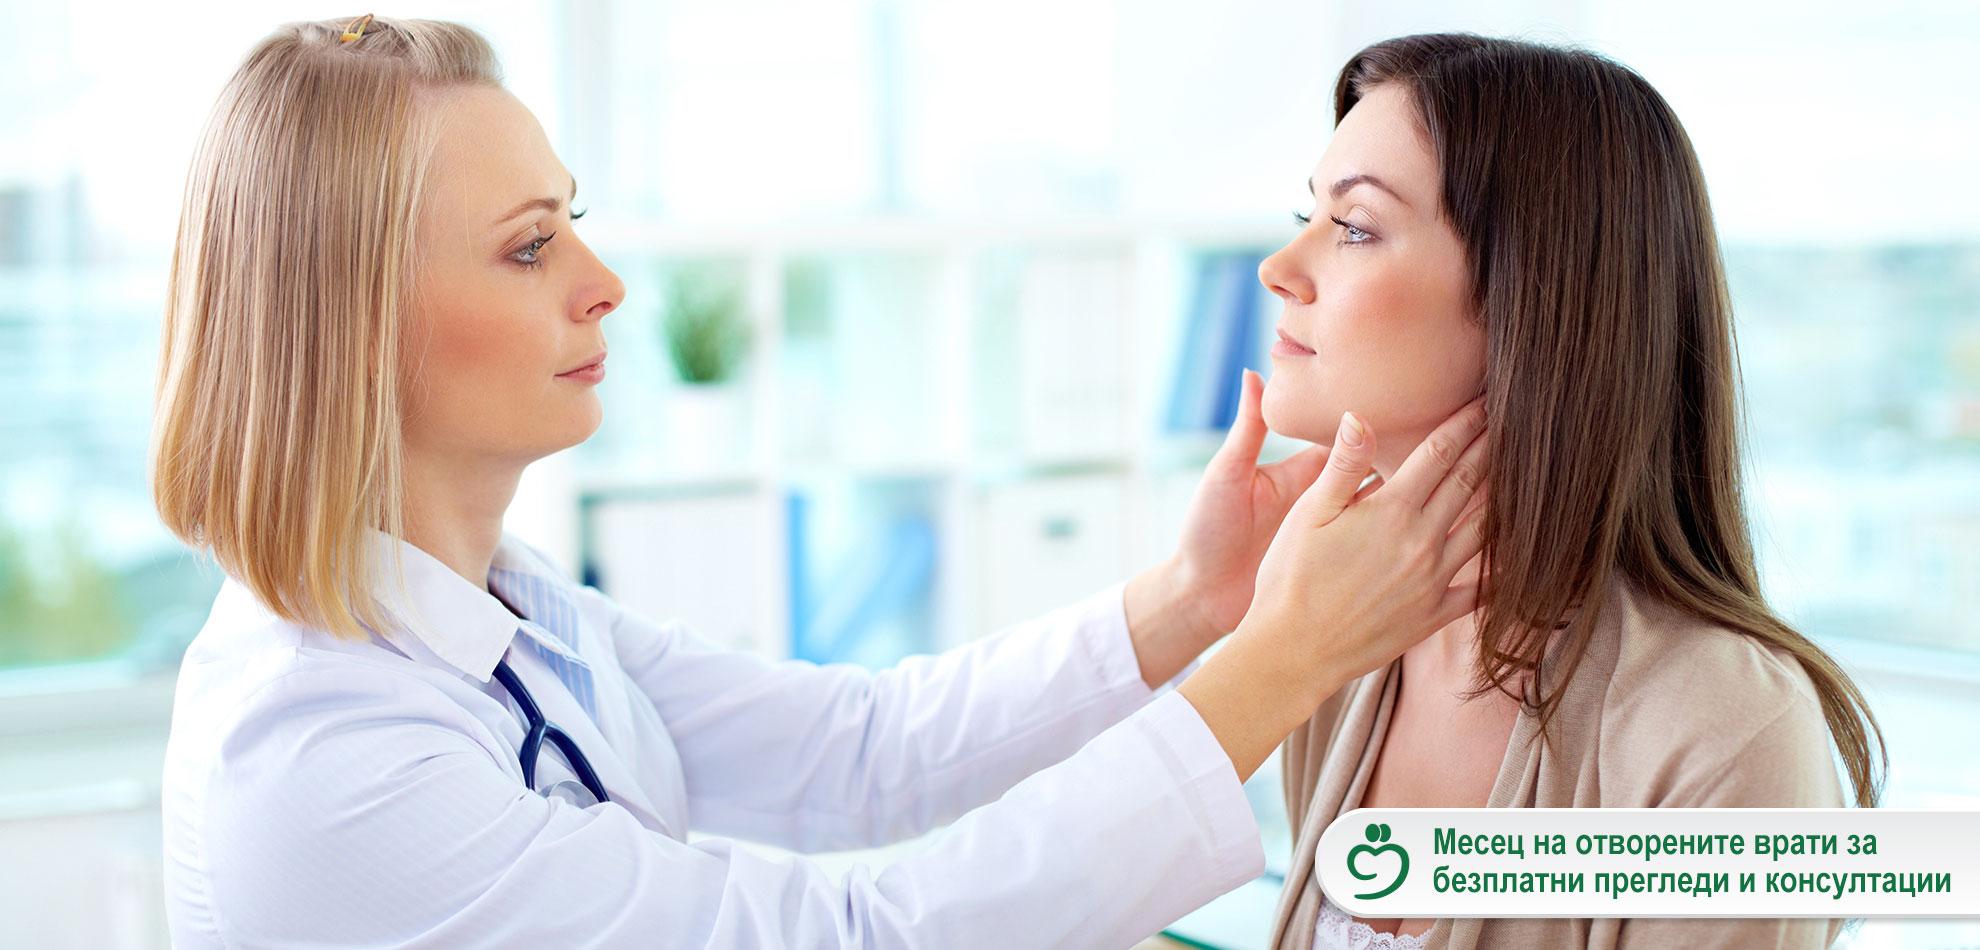 24 часа - Безплатни профилактични прегледи